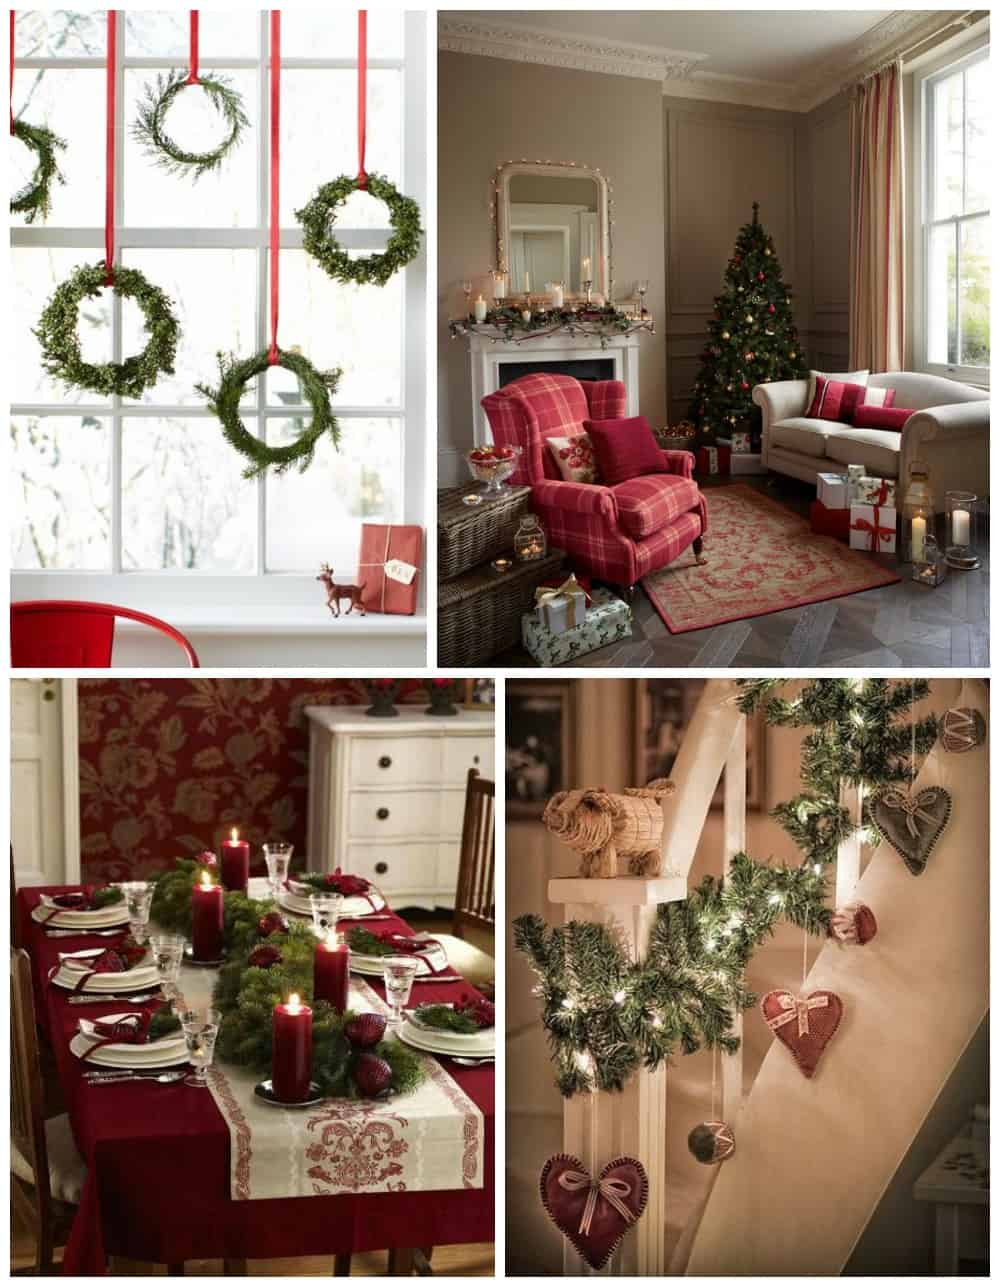 Natale tradizionale addobbi e decorazioni rosse natalizie